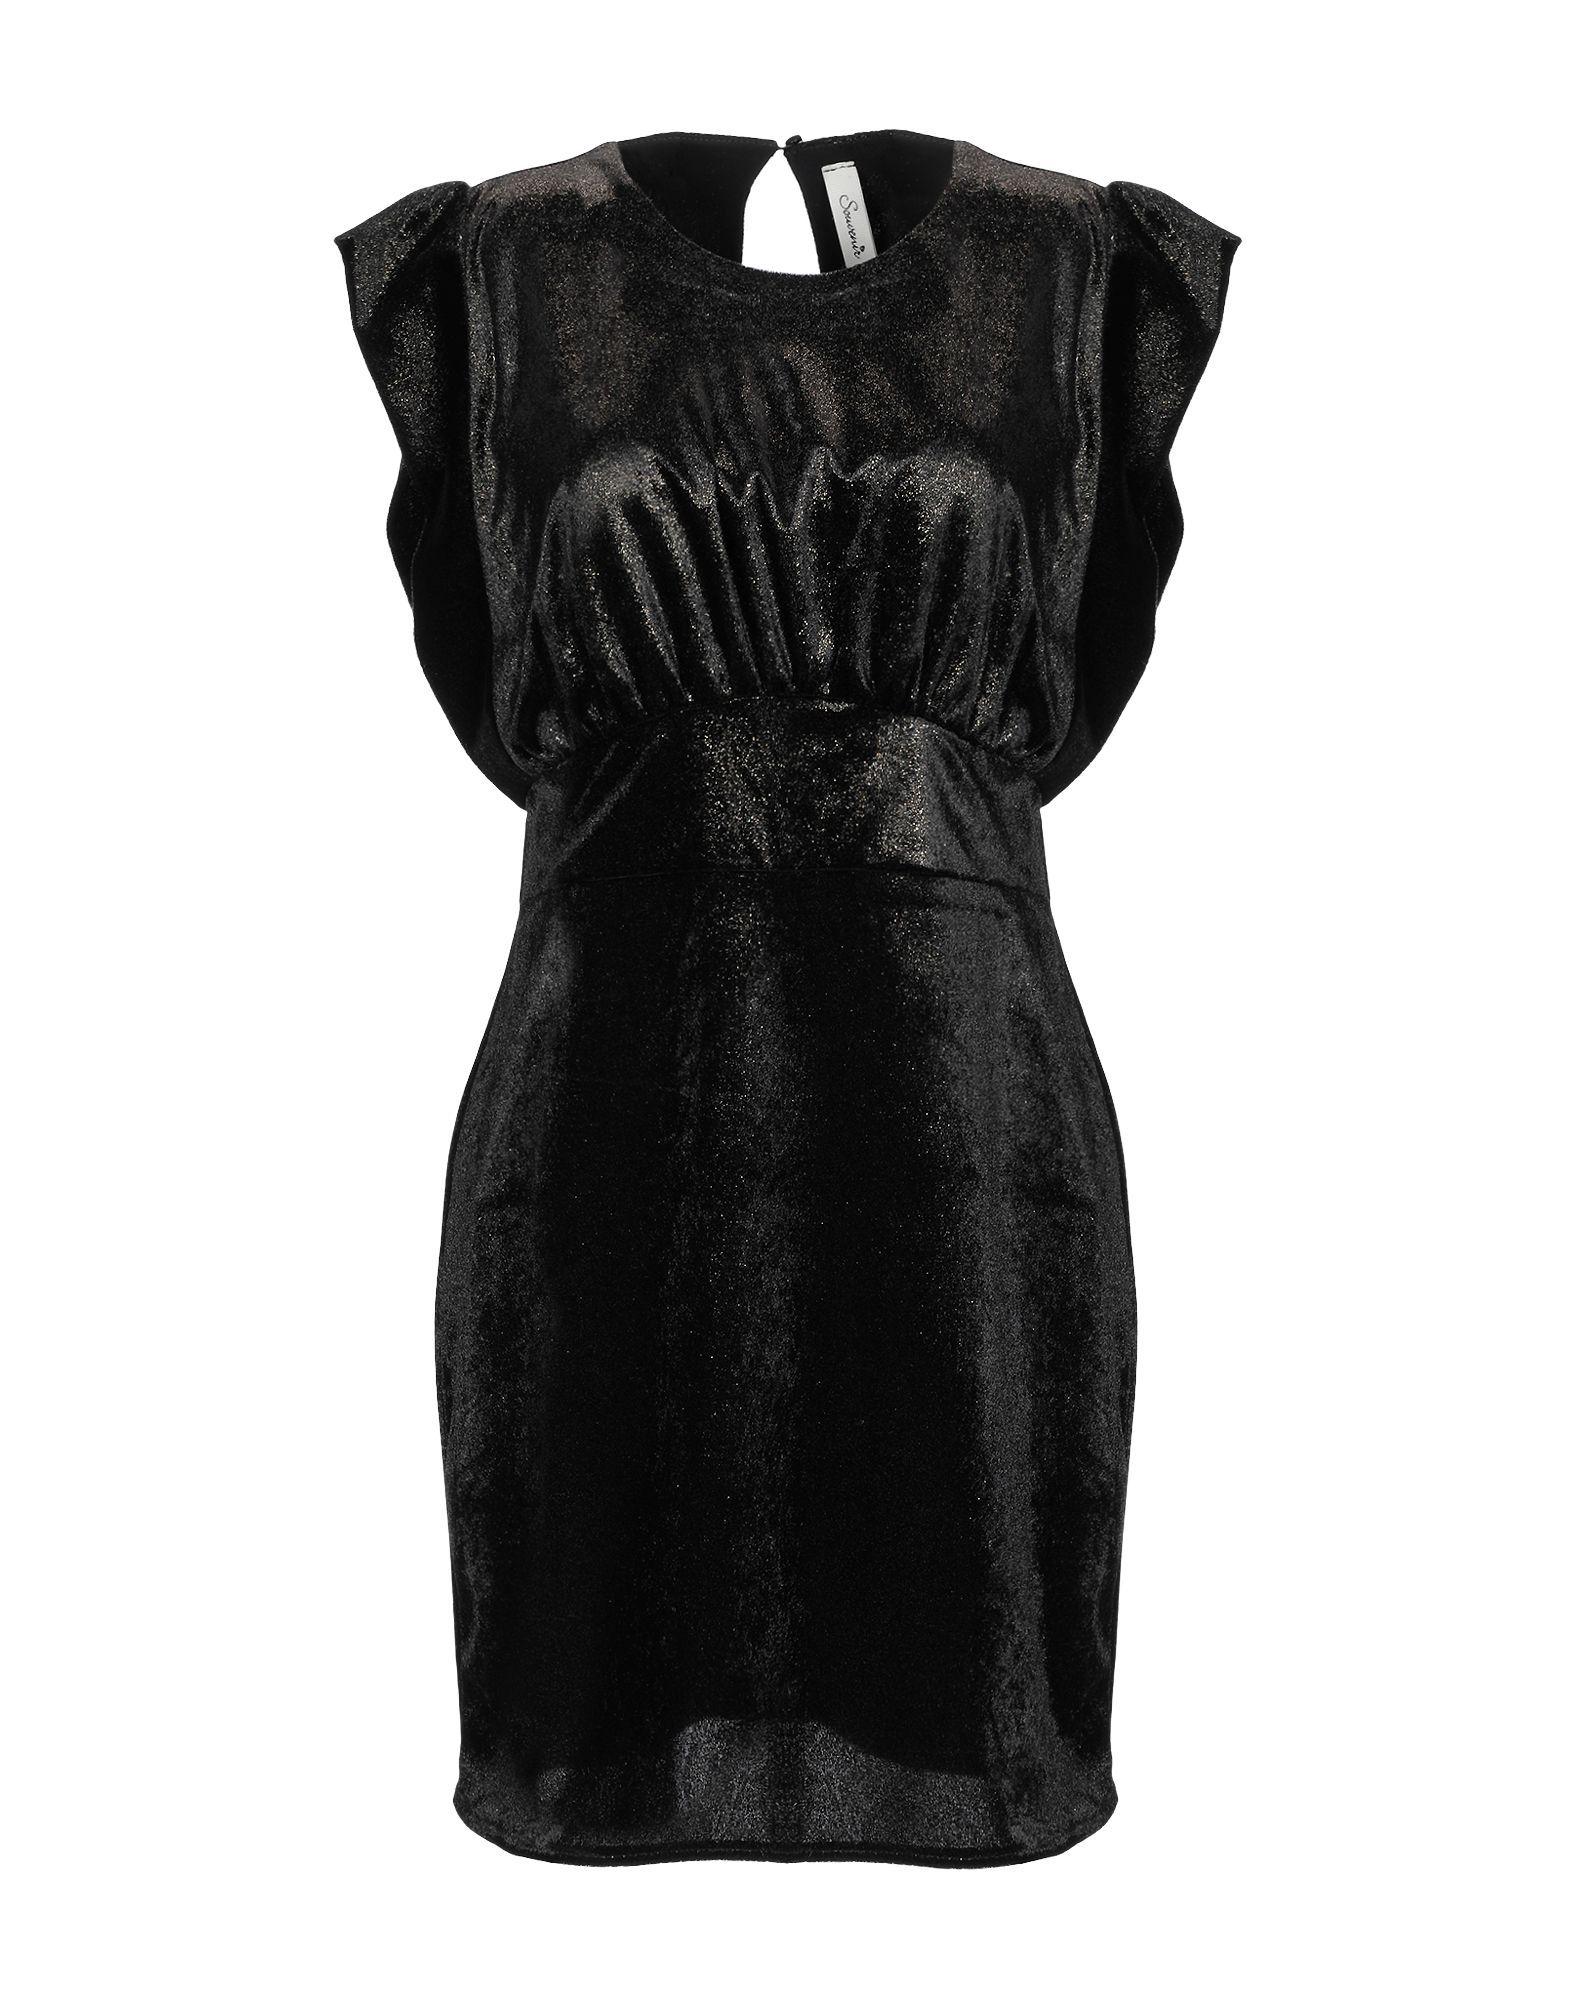 Souvenir Black Velvet Short Dress